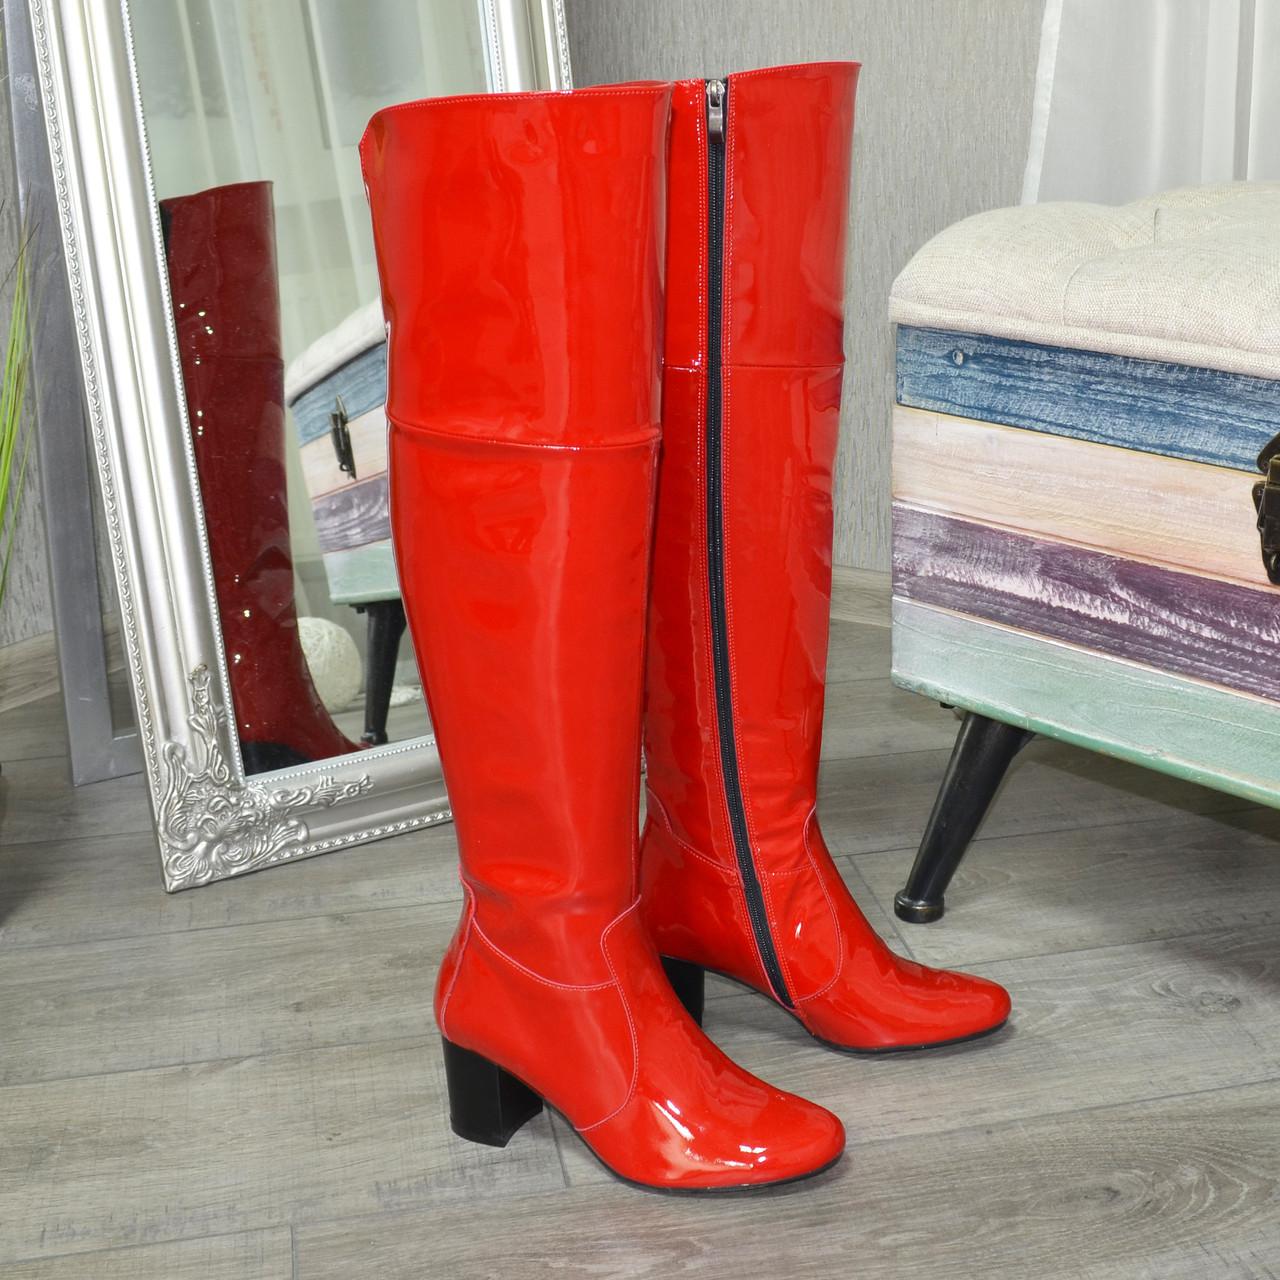 Ботфорты   лаковые на устойчивом каблуке, цвет красный